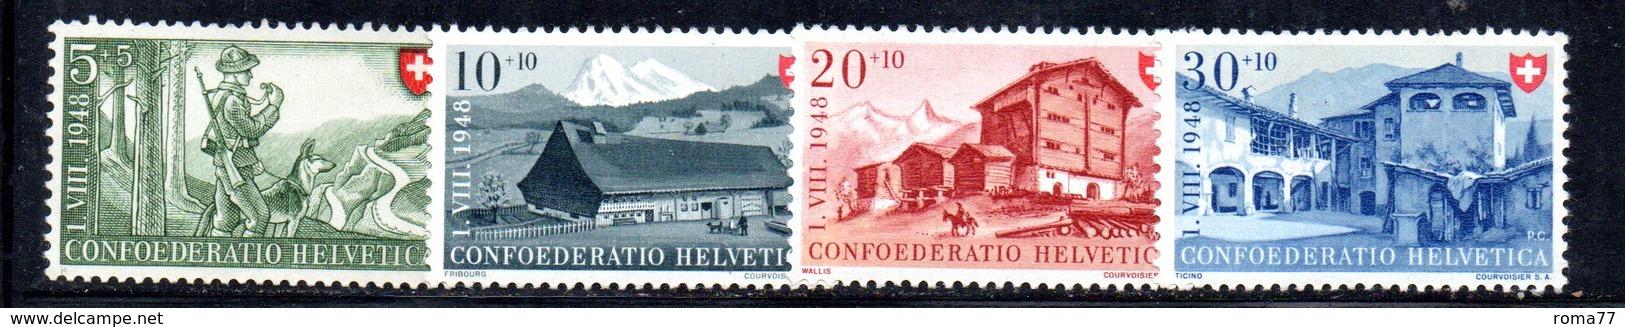 522/1500 - SVIZZERA 1948, Unificato N. 457/460 Con Gomma Integra ***  MNH Pro Patria - Pro Patria